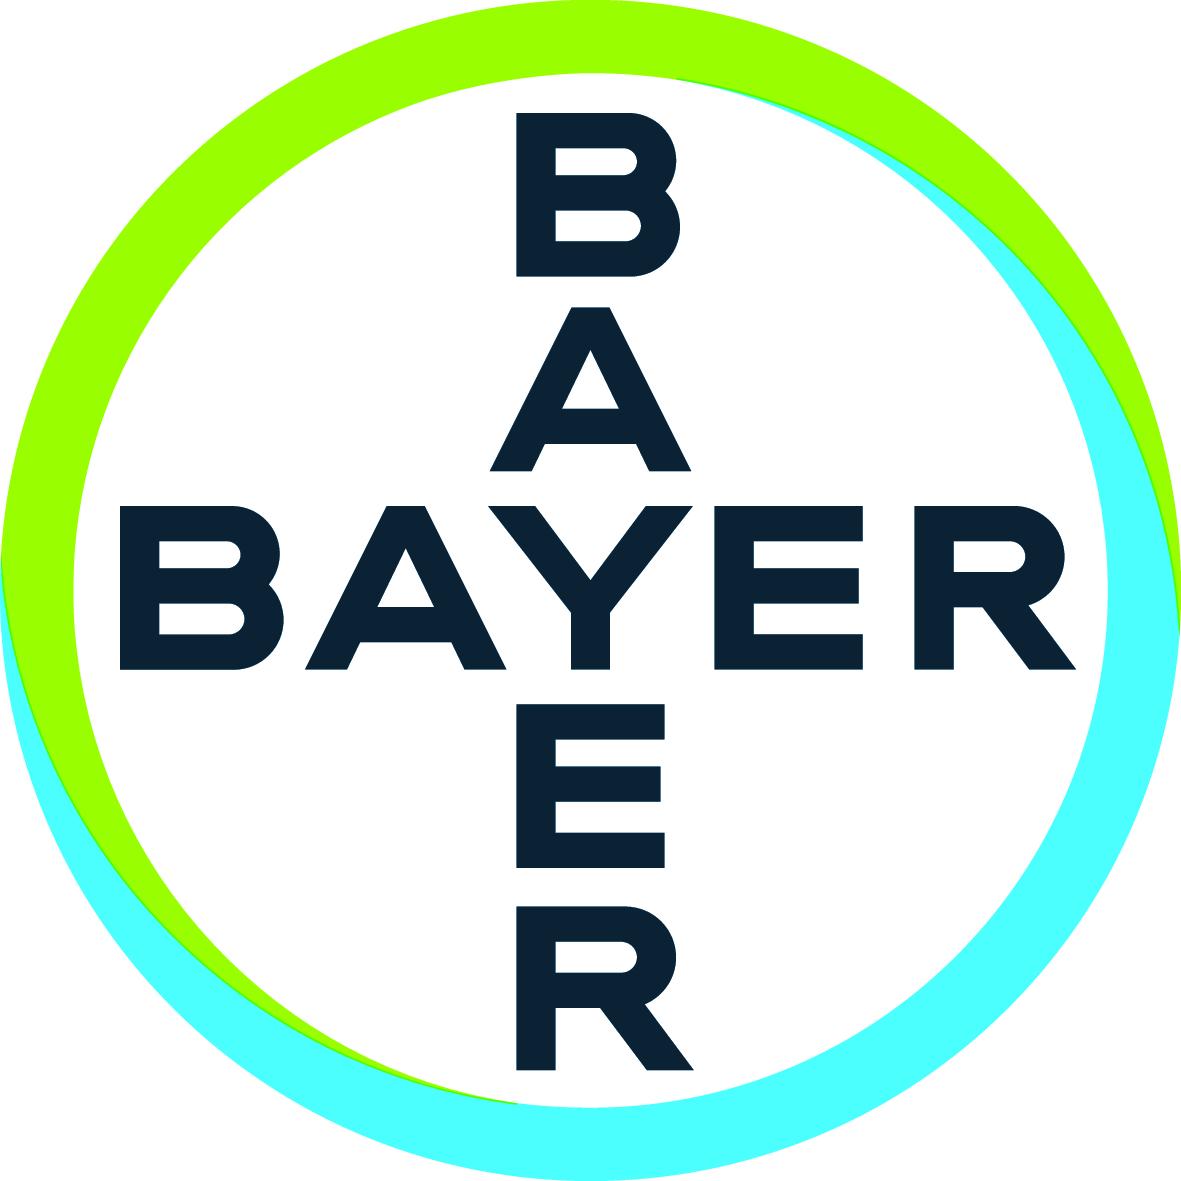 http://www.bayer.com.pl - standardy.pl